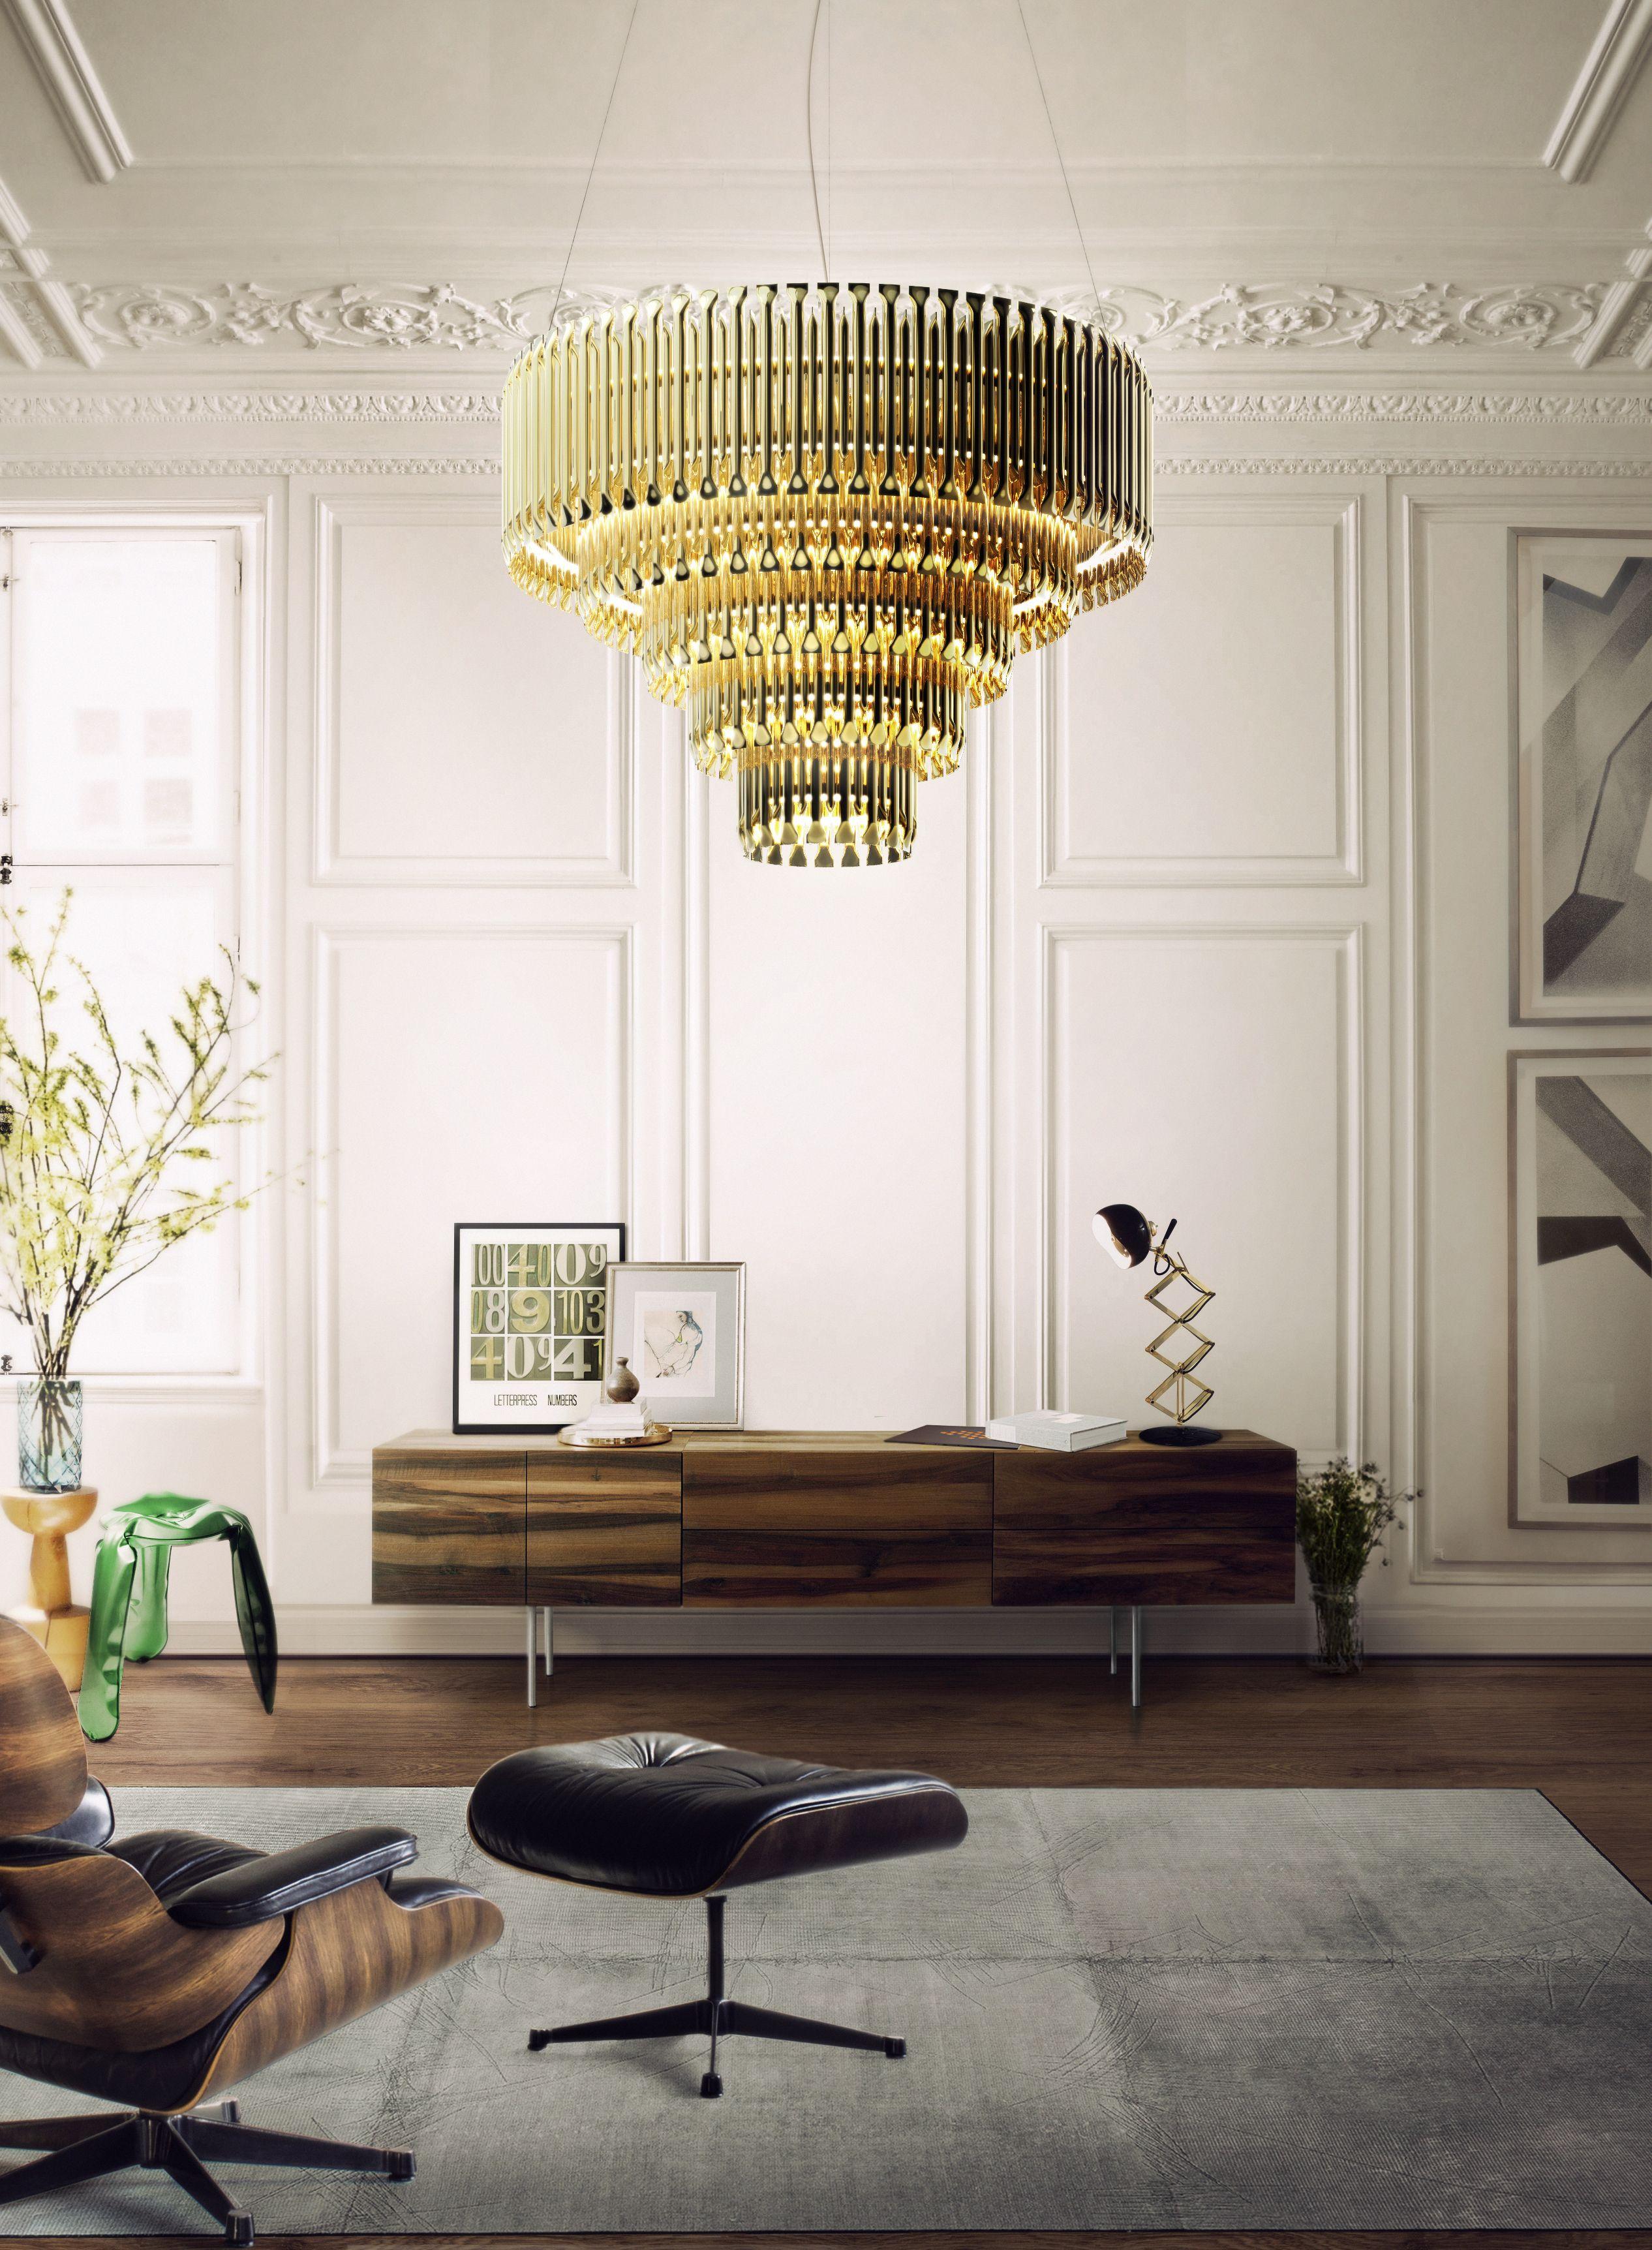 Wohnzimmer ideen wohnzimmer design moderne wohnzimmer innenarchitektur klassische moderne moderne architektur leuchten projekte schöner wohnen